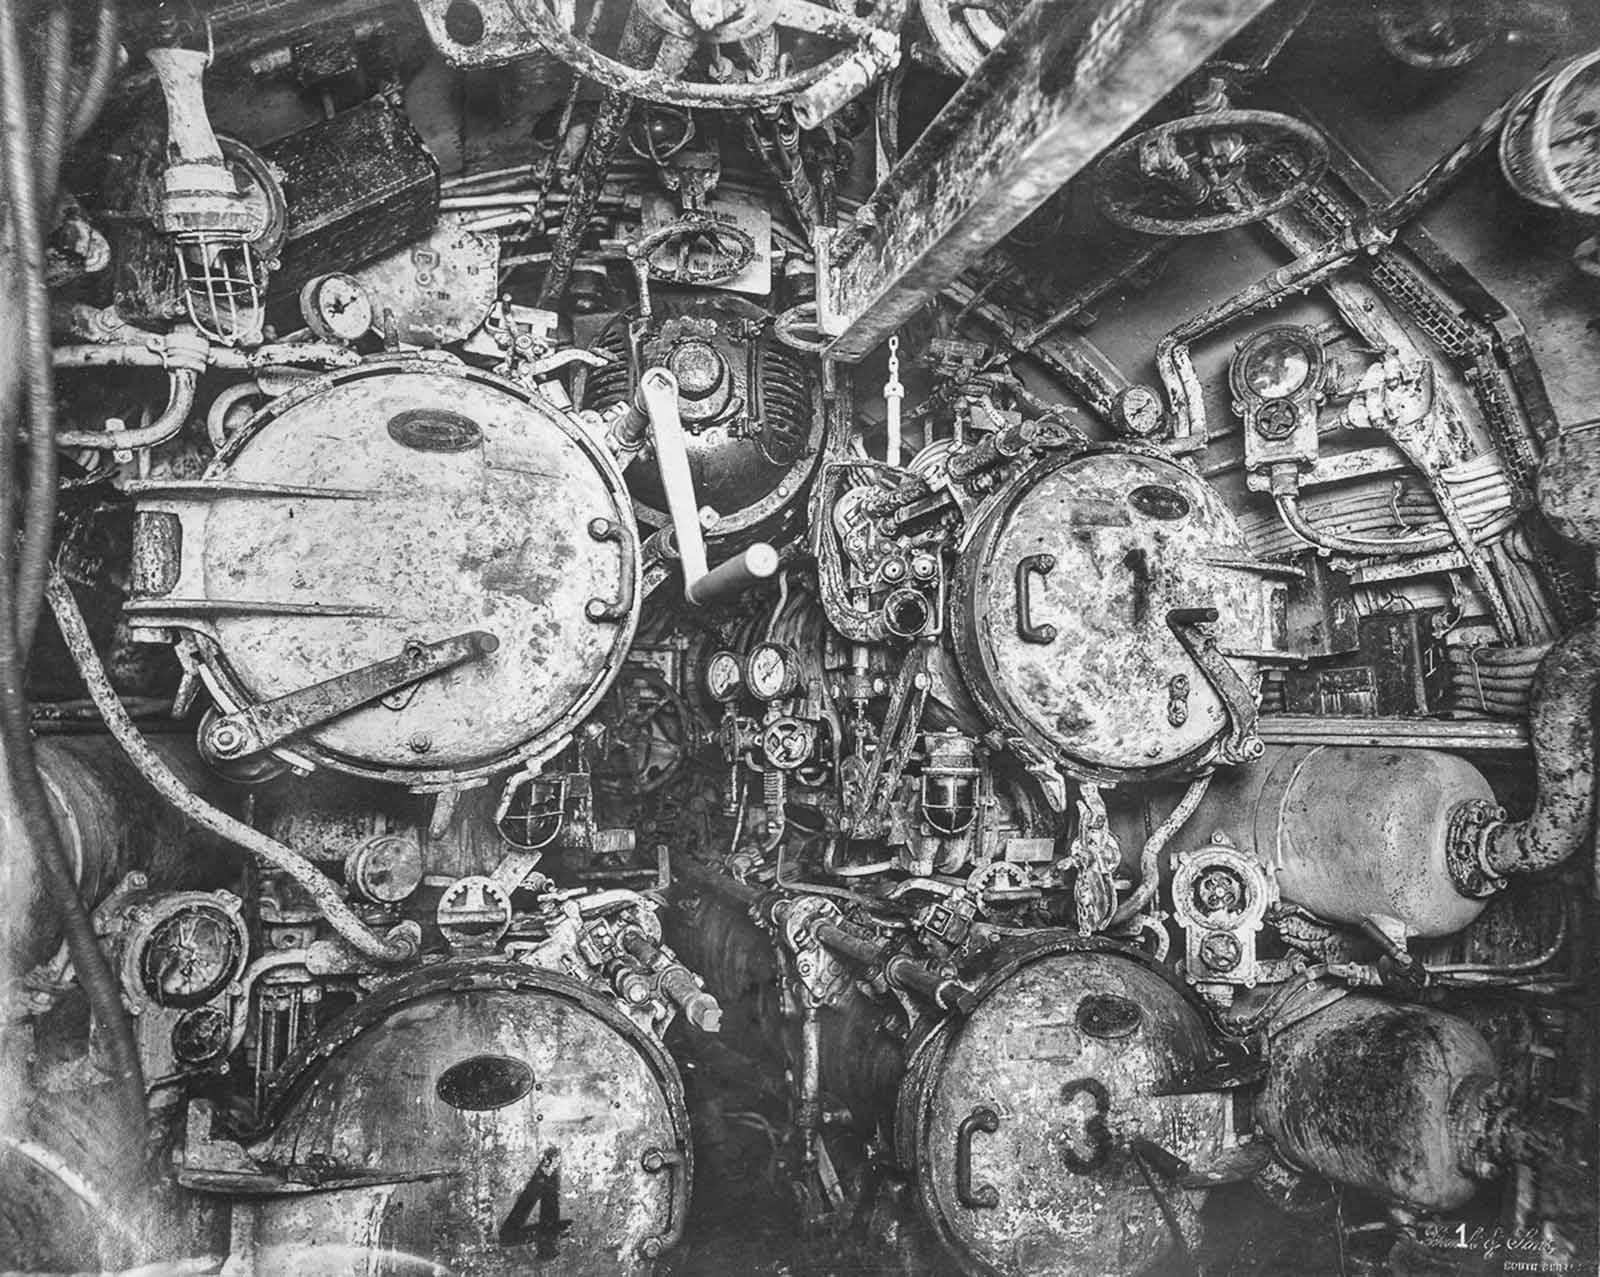 Inside The German Submarine Sm Ub 110